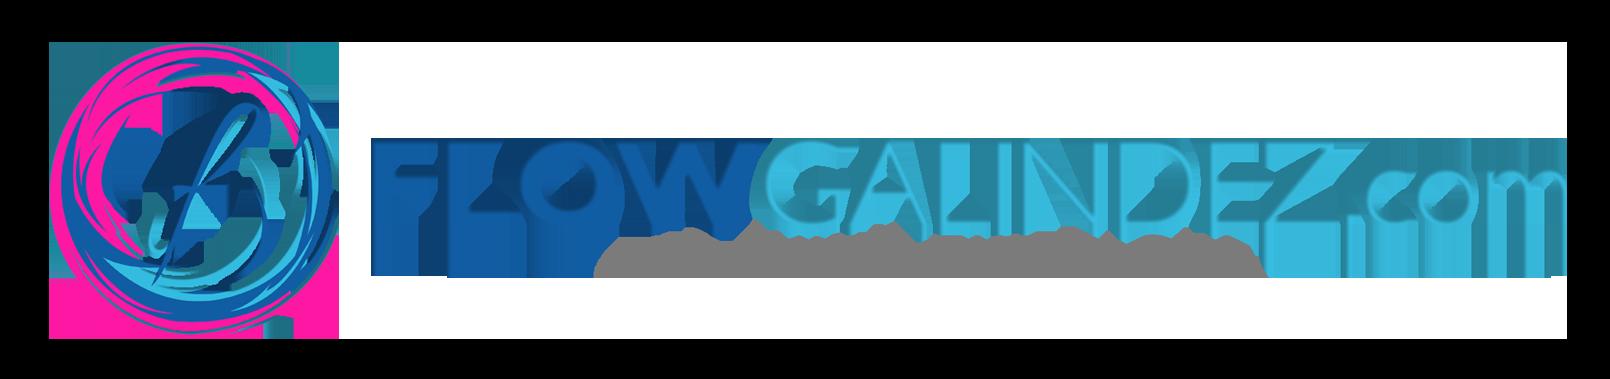 www.FlowGalindez.com | Go With The Flow